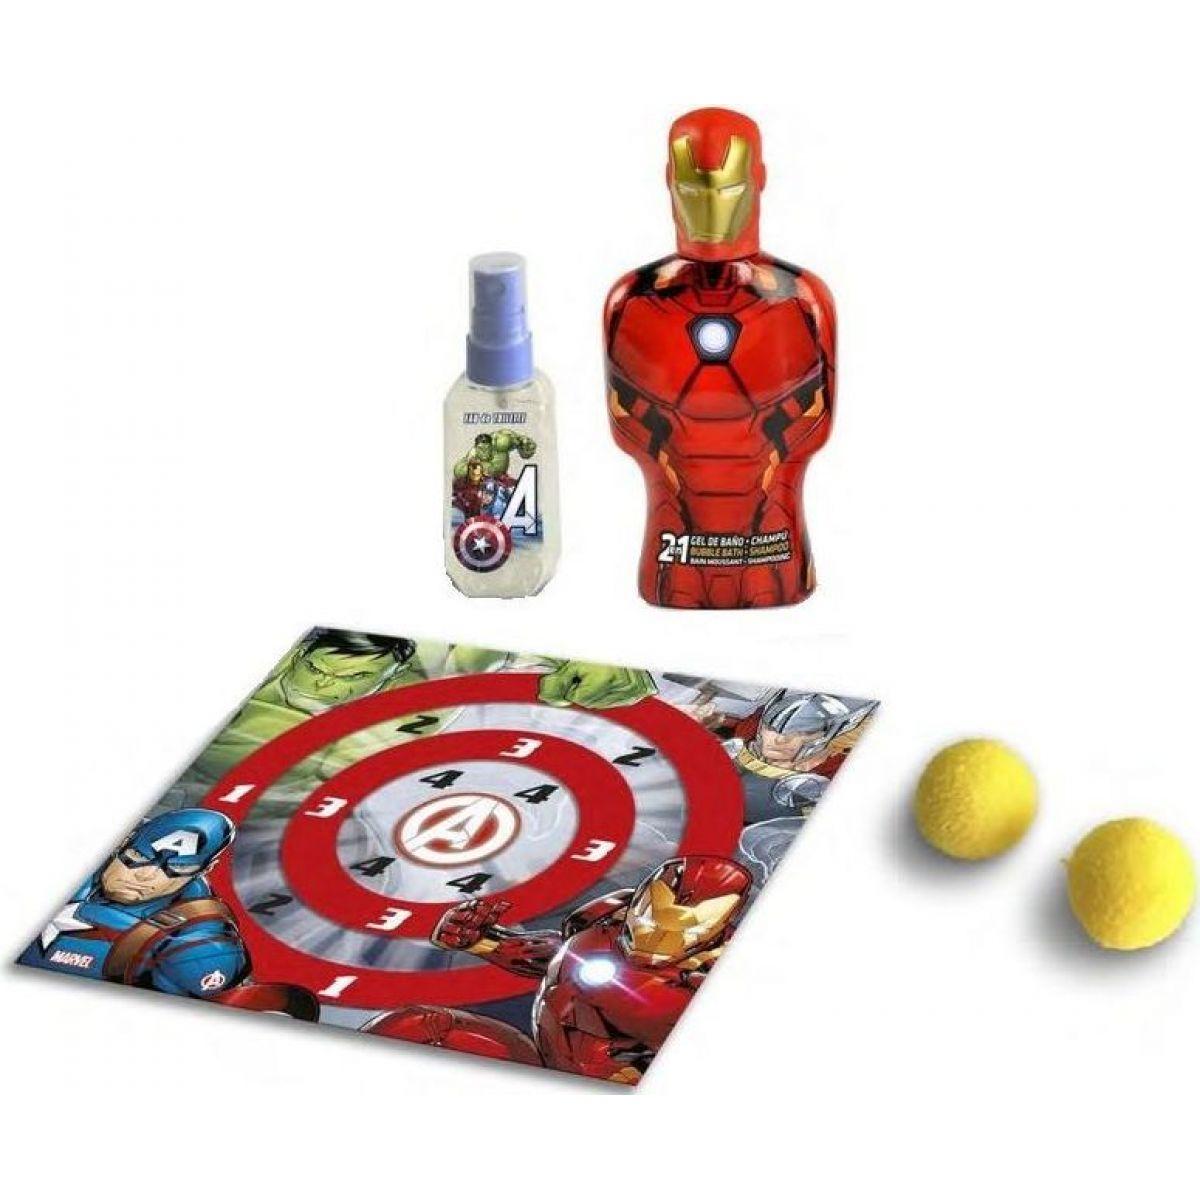 Avengers darčeková sada Iron Man